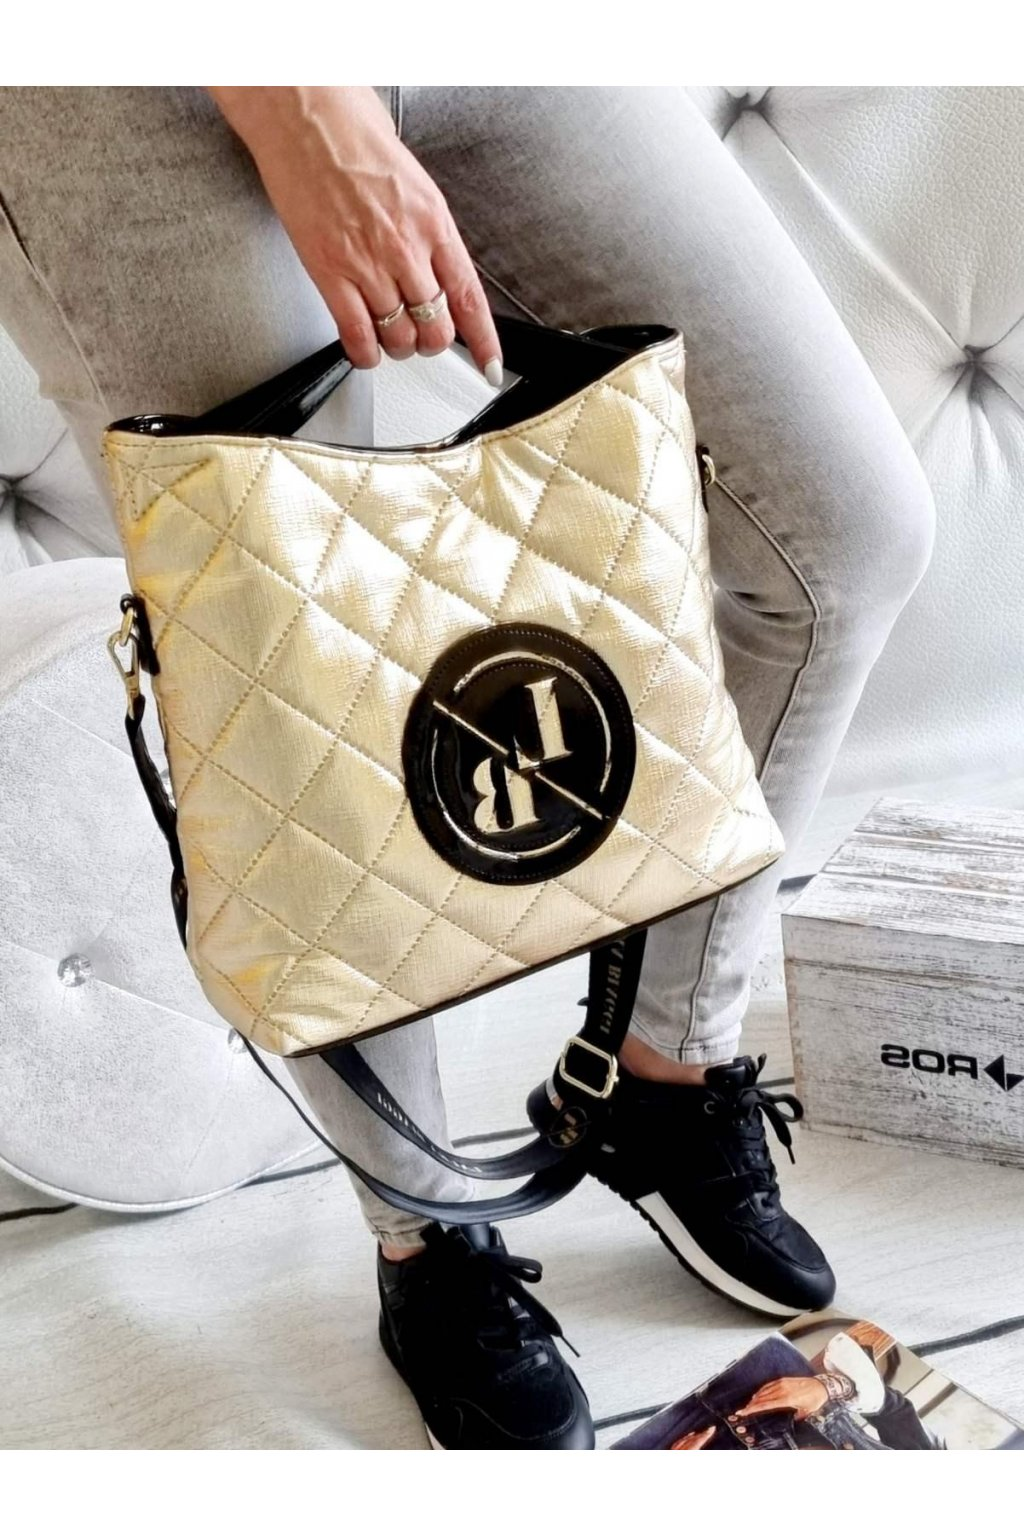 laura biaggi kabelka trendy značková luxusní kabelka zlatá